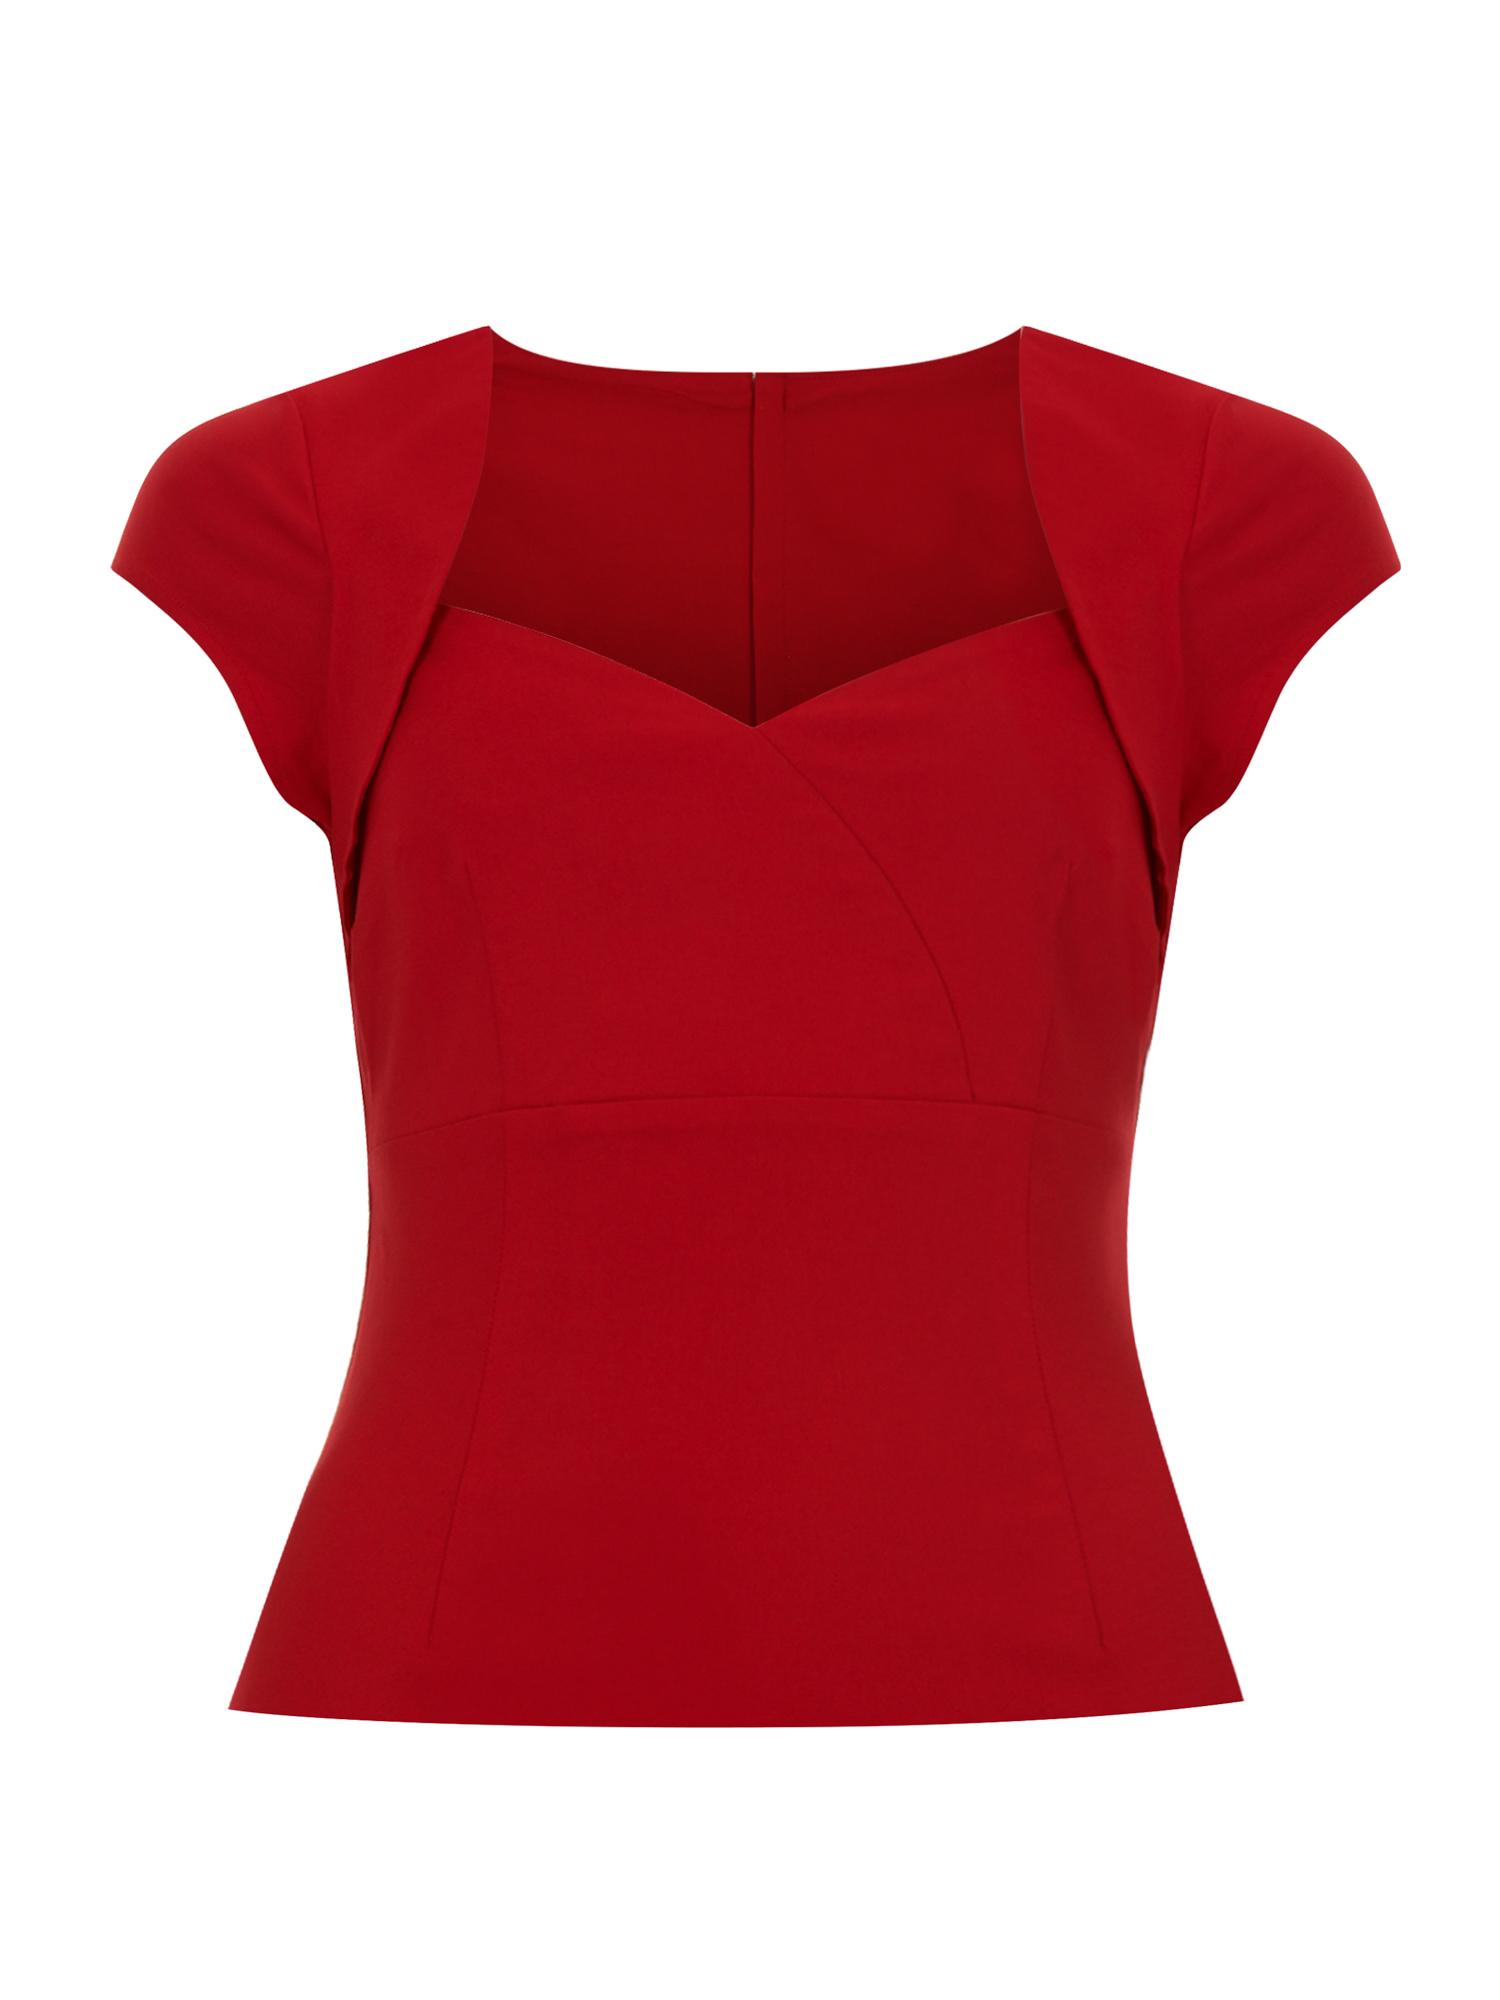 f7b7684fc Verão Novos Modelos de Moda Americano Do Vintage Feminino Casual Blusa 50 s  Rockabilly Sexy Decote